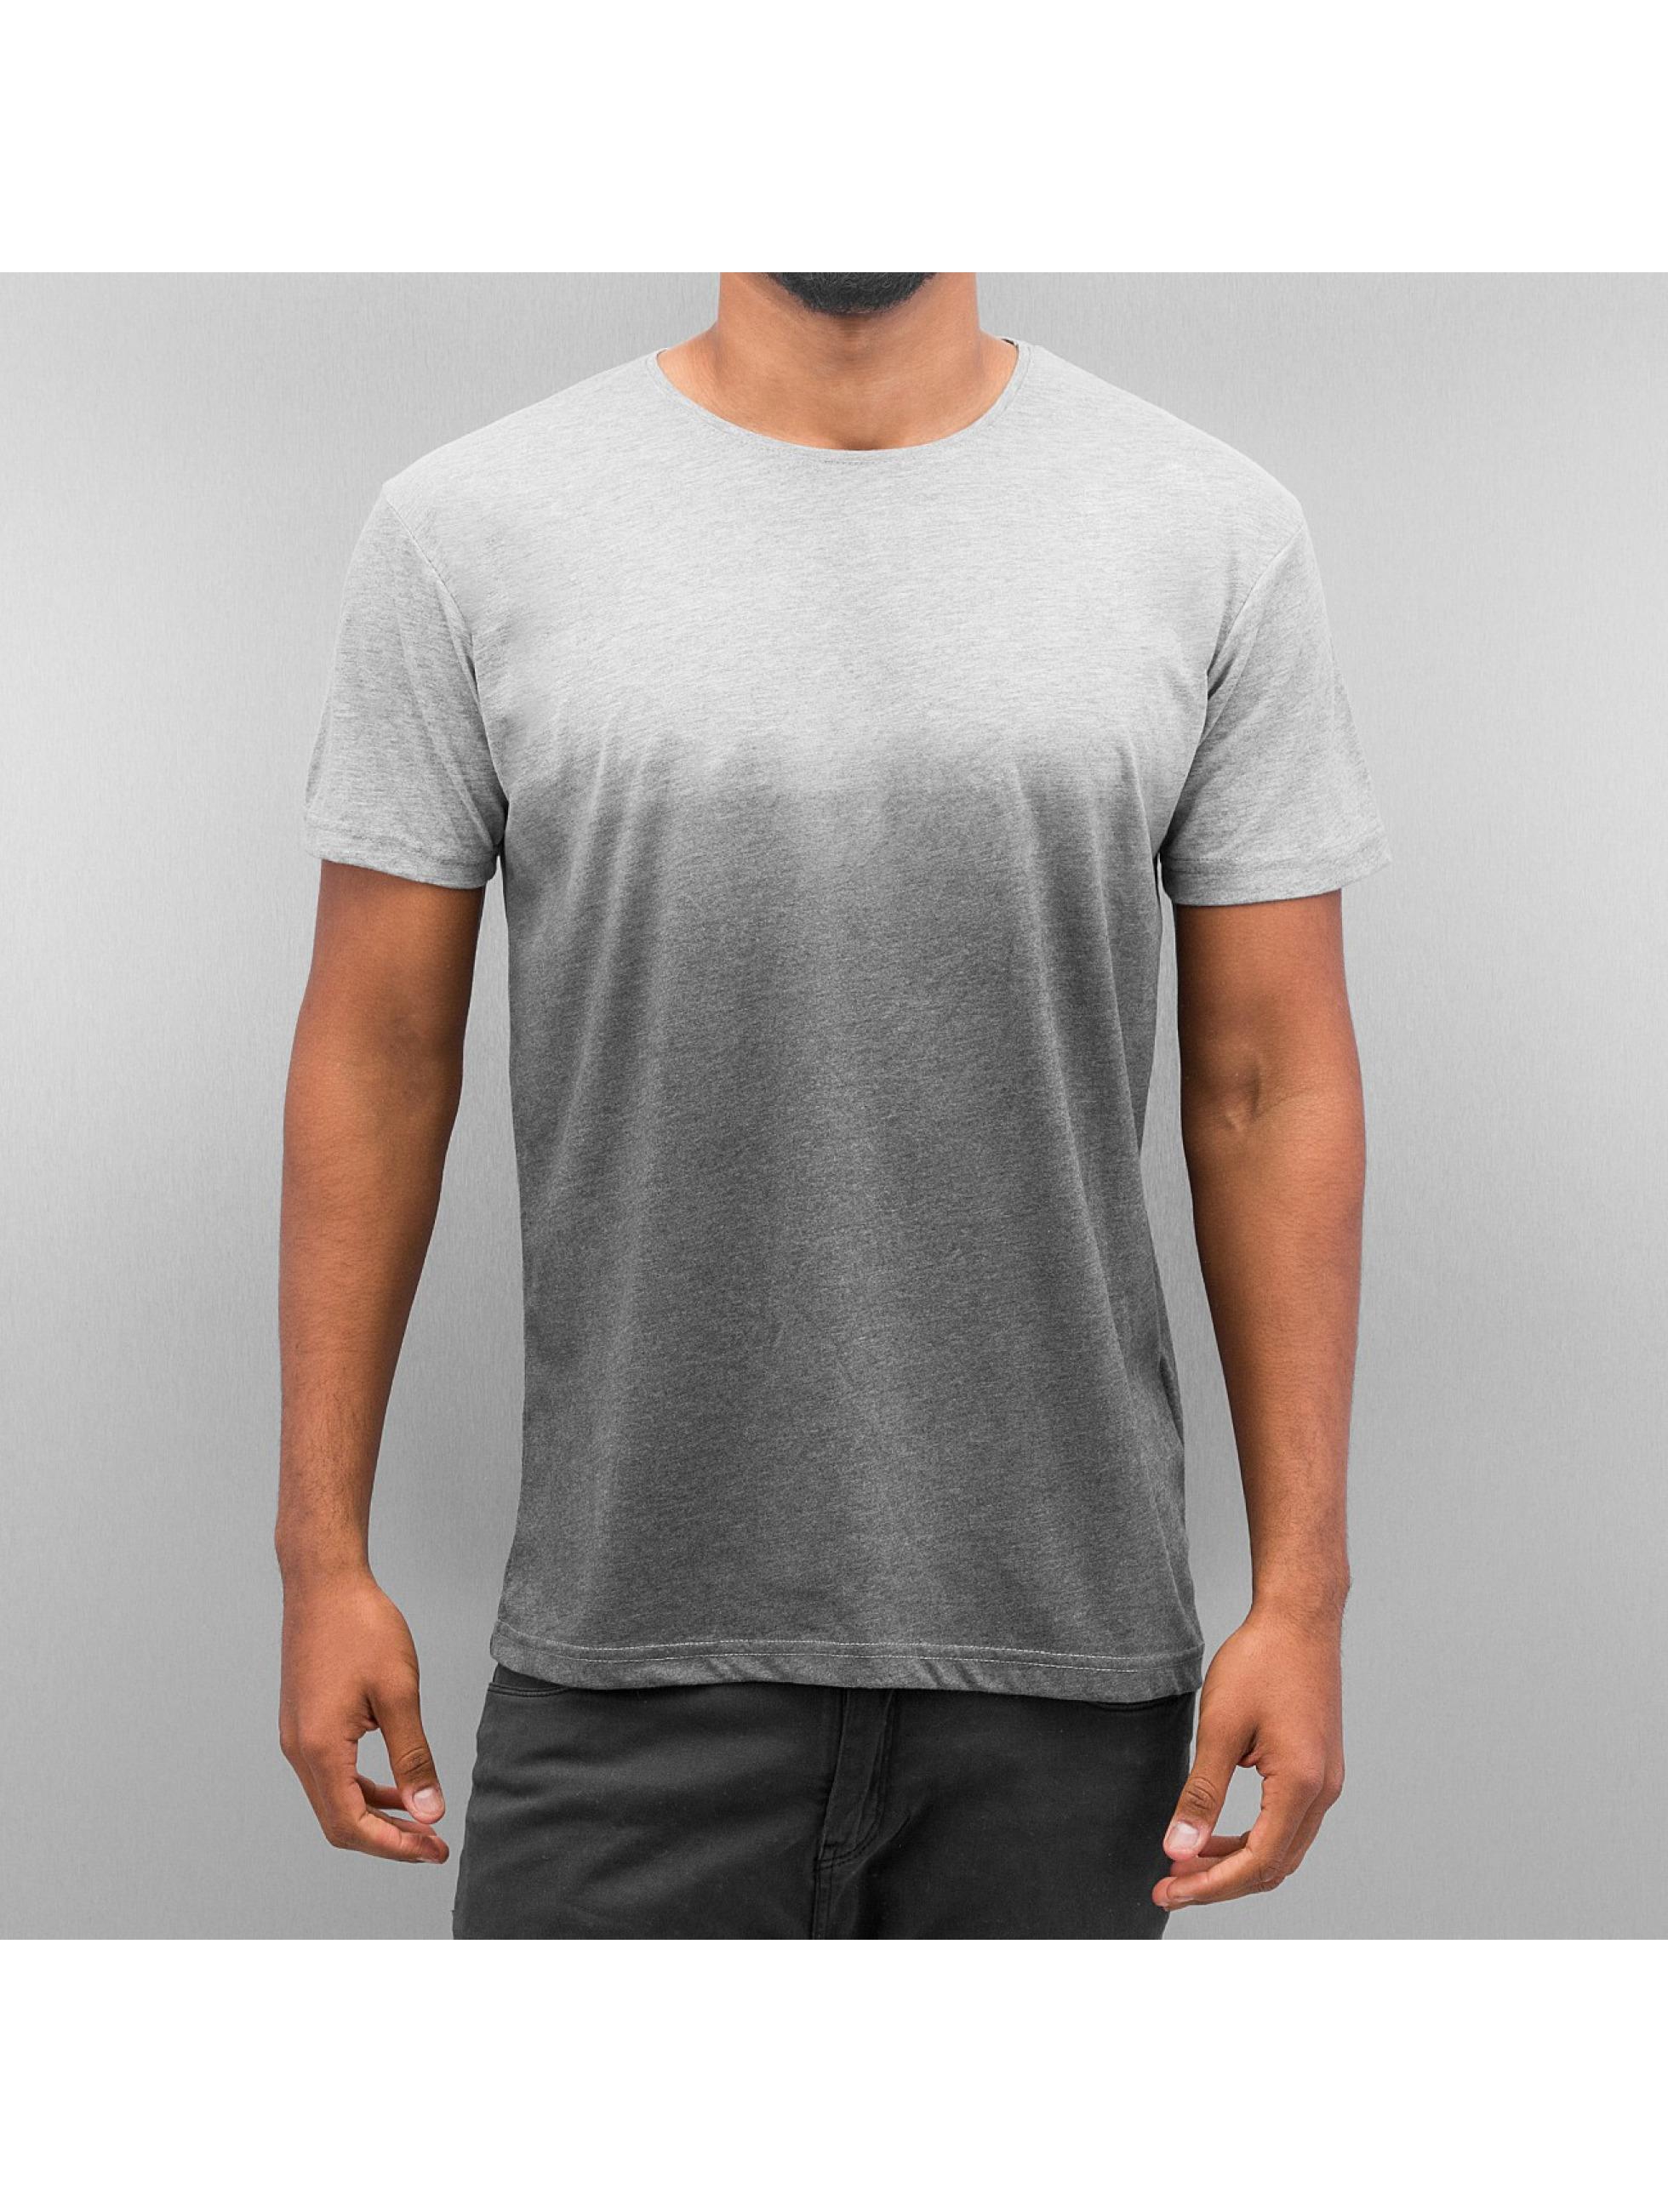 T-Shirt Batik in grau